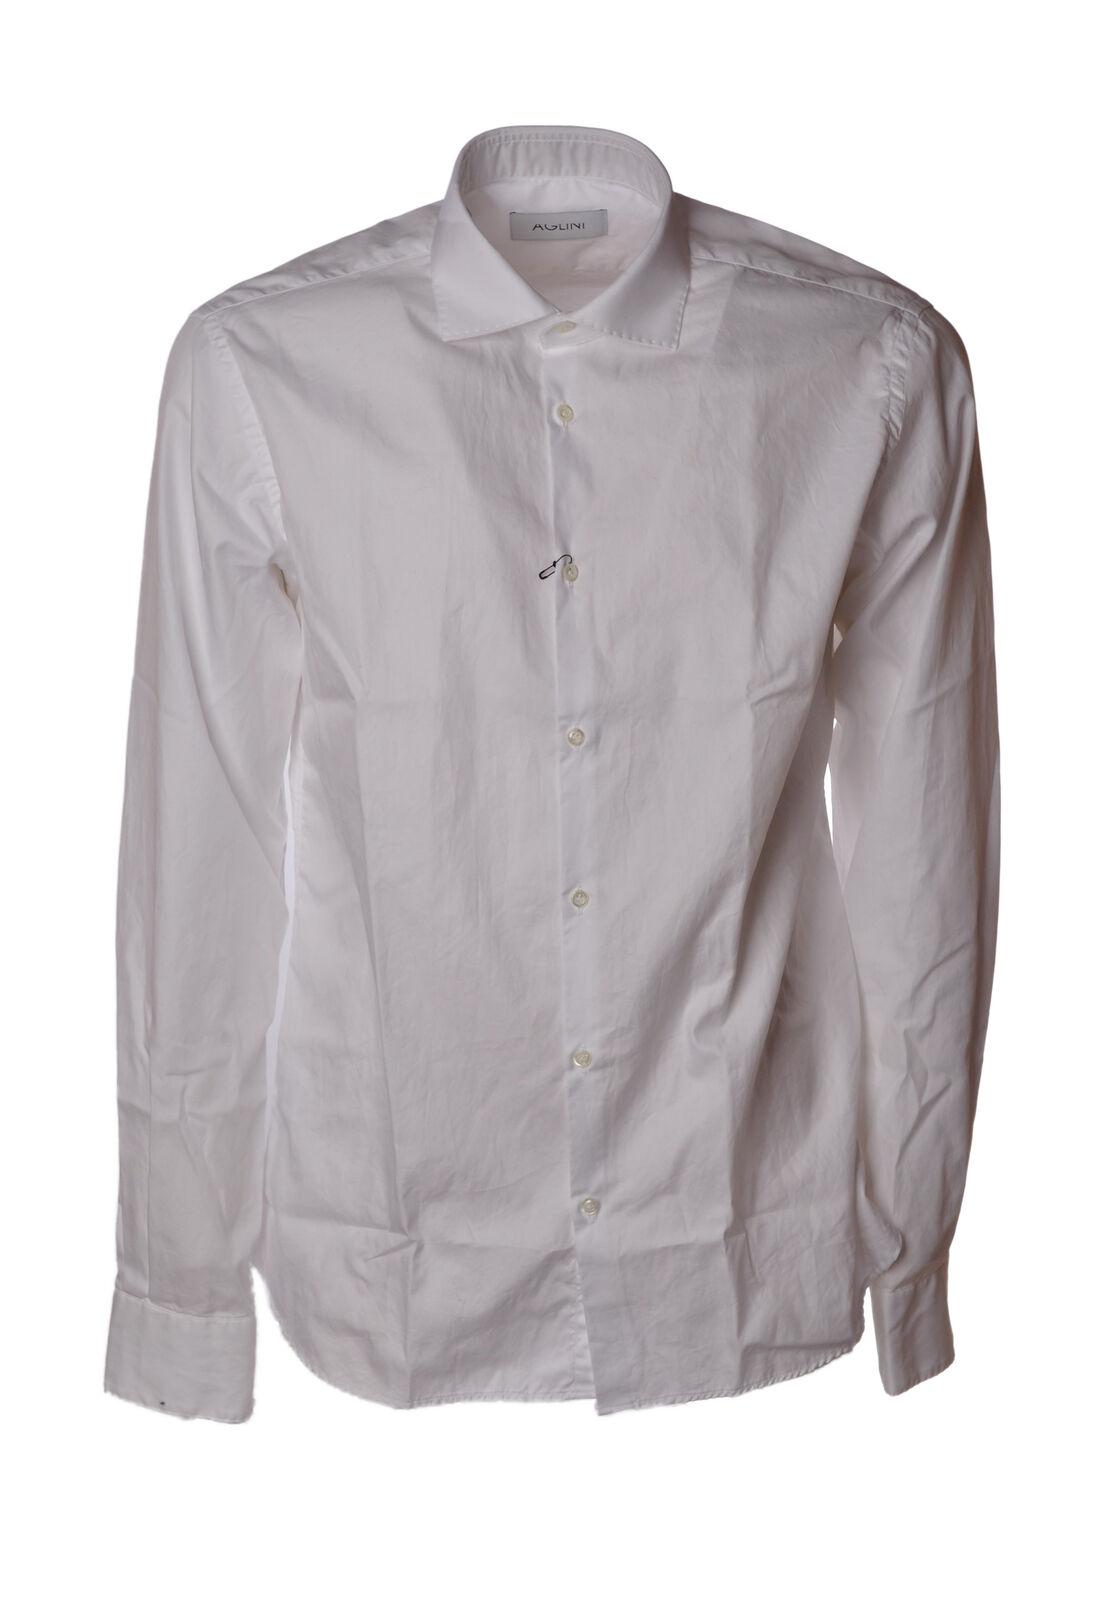 Aglini - Shirts-Shirts - Man - White - 4688113F184121